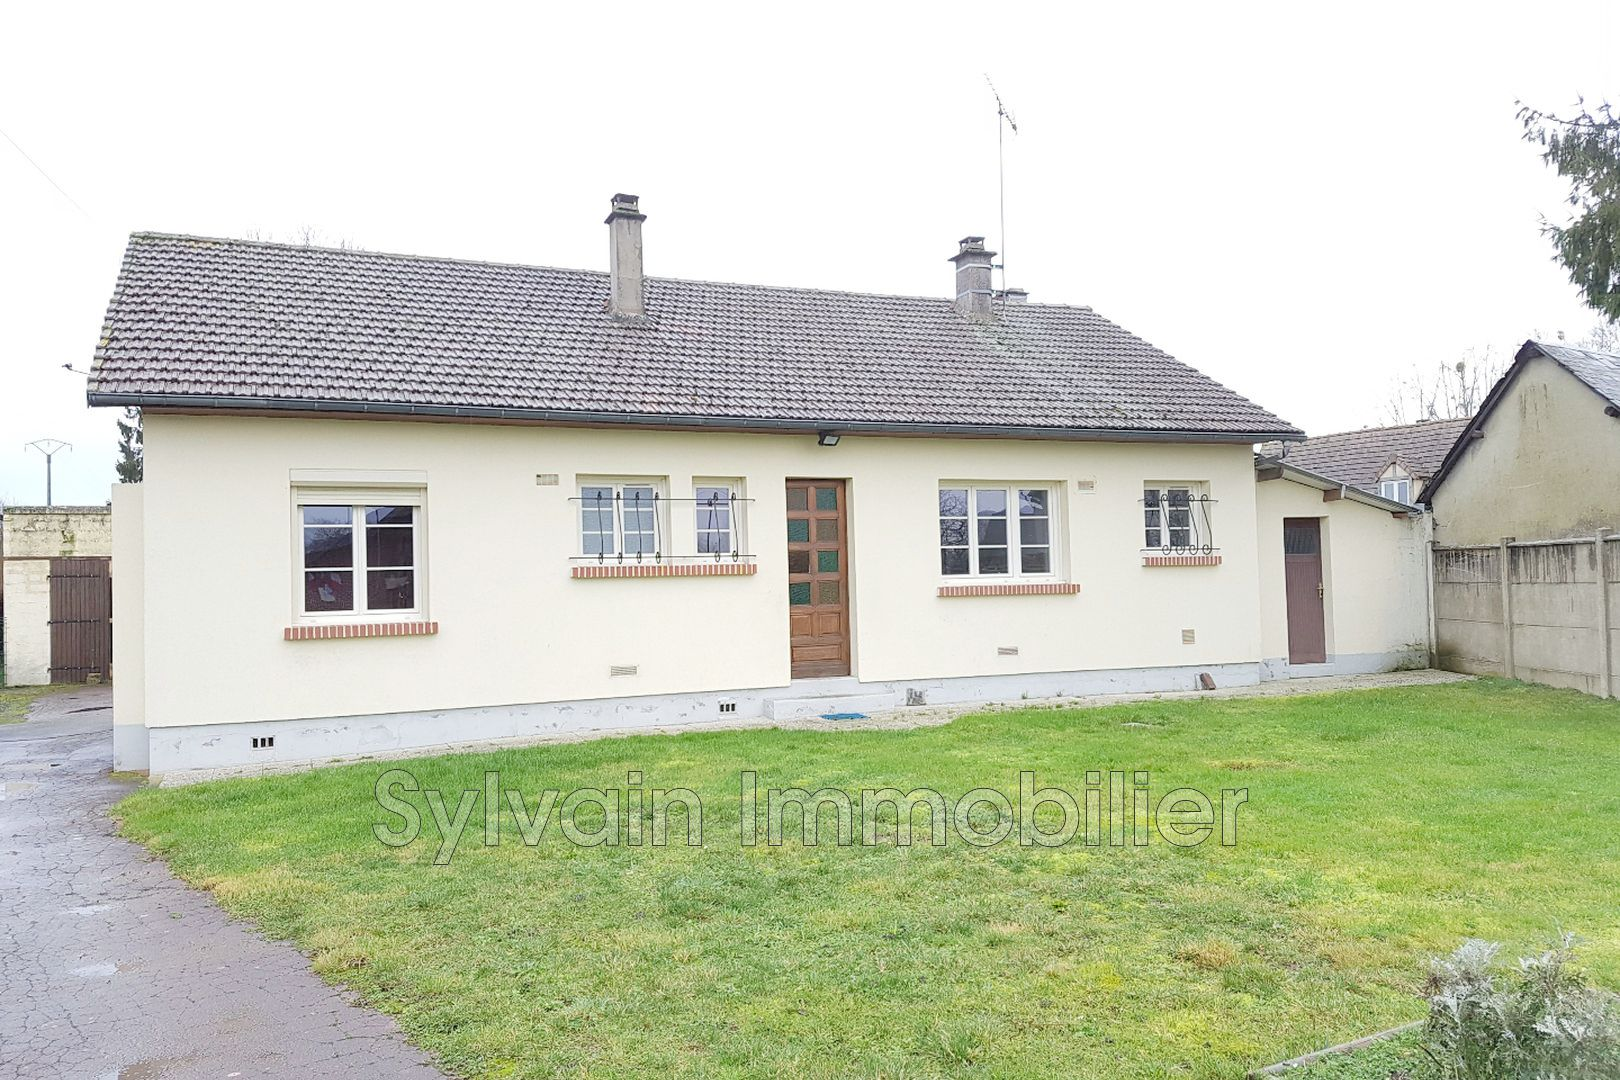 Vente maison proche de marseille en beauvaisis 60690 158 for Maison de marseille